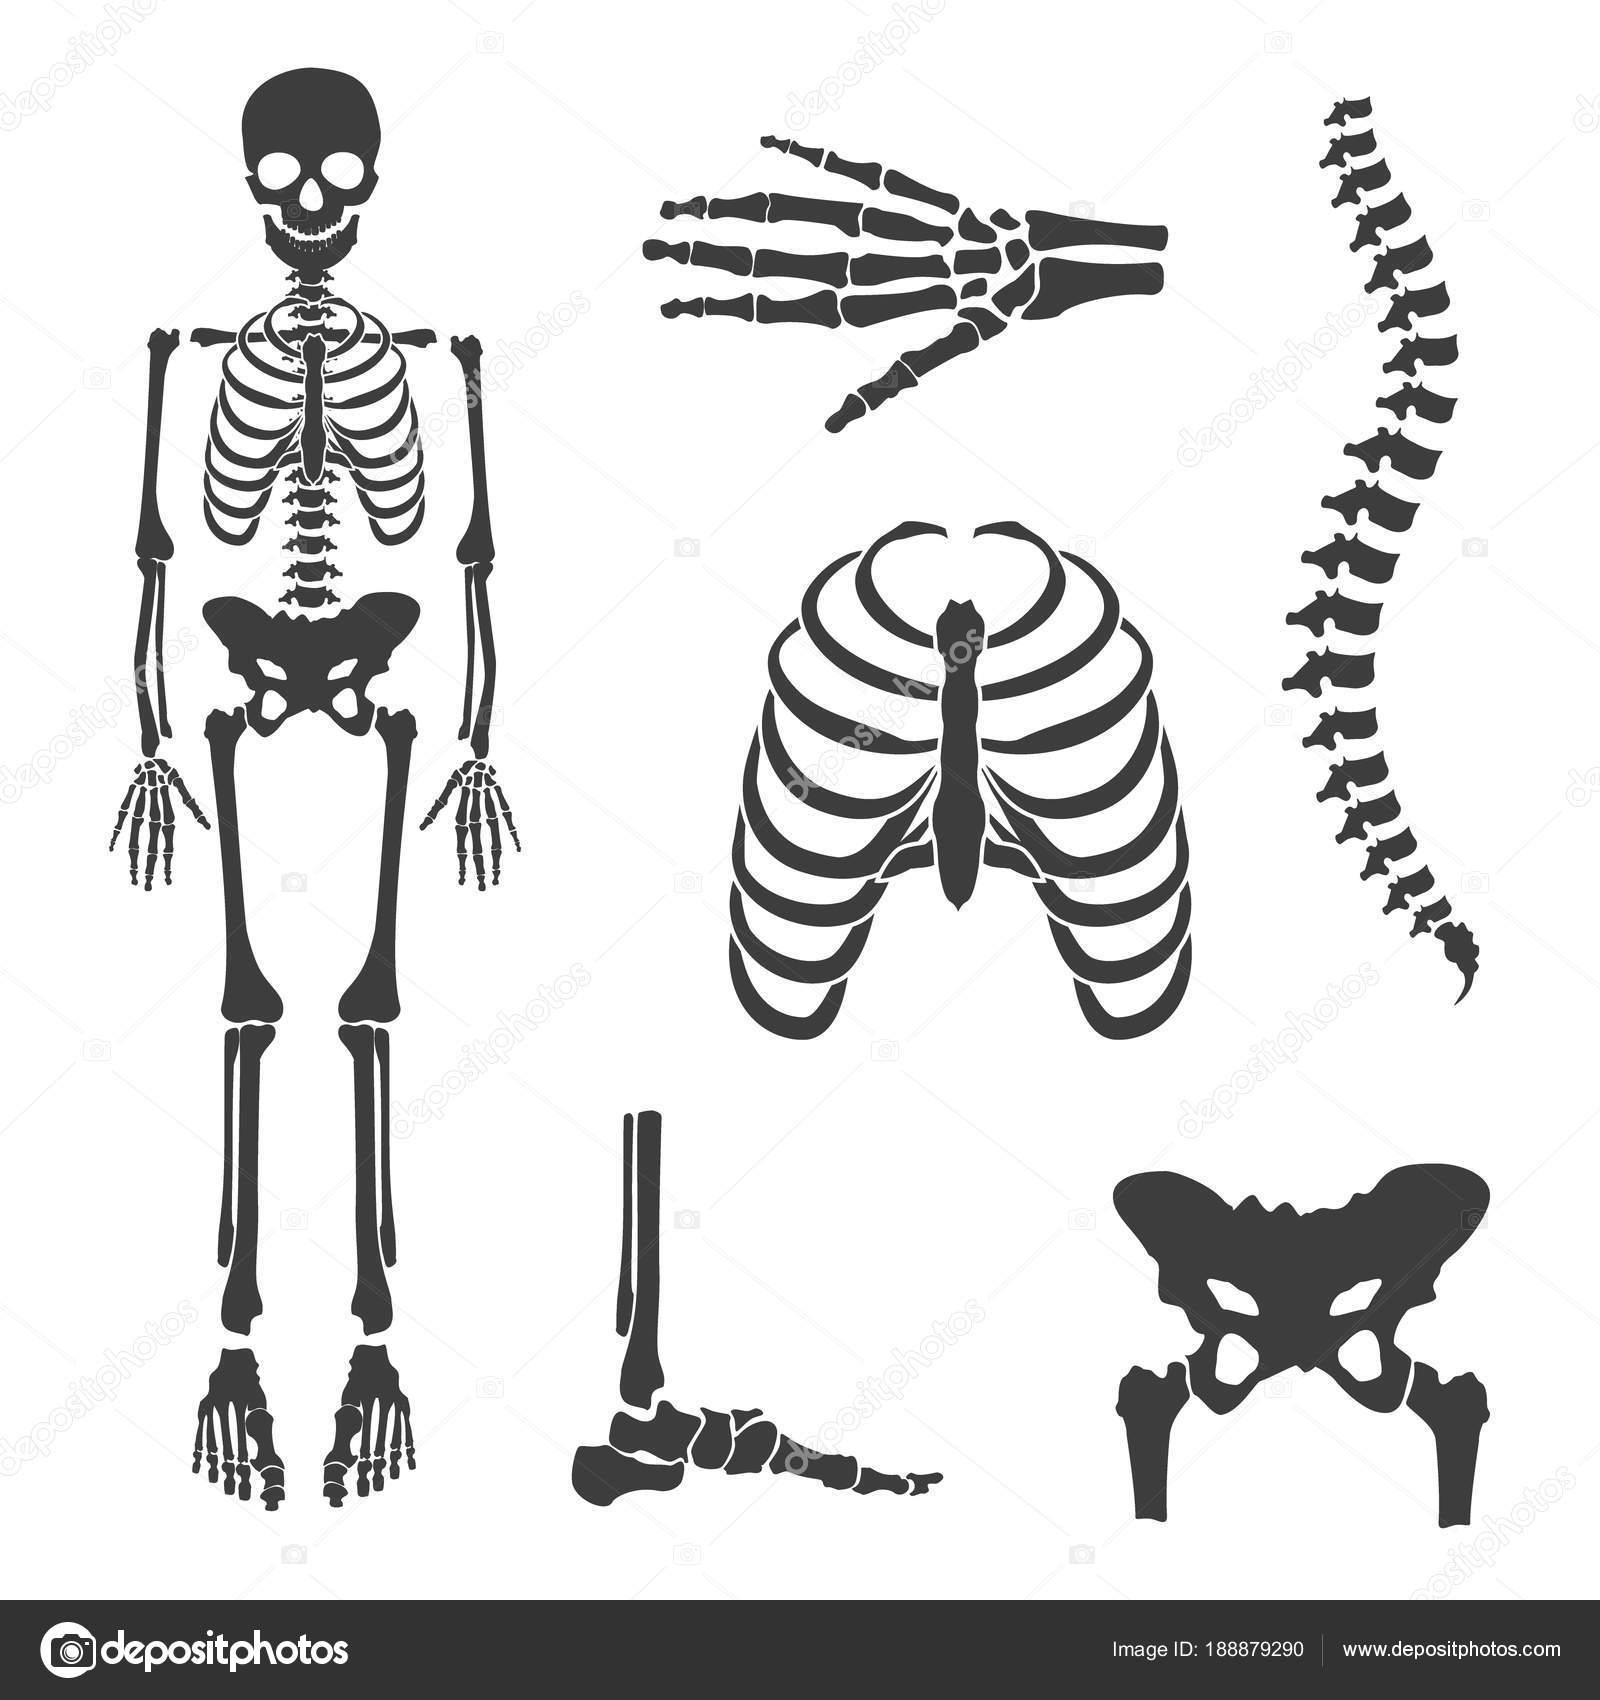 Trama de esqueleto humano — Foto de stock © viktorijareut #188879290